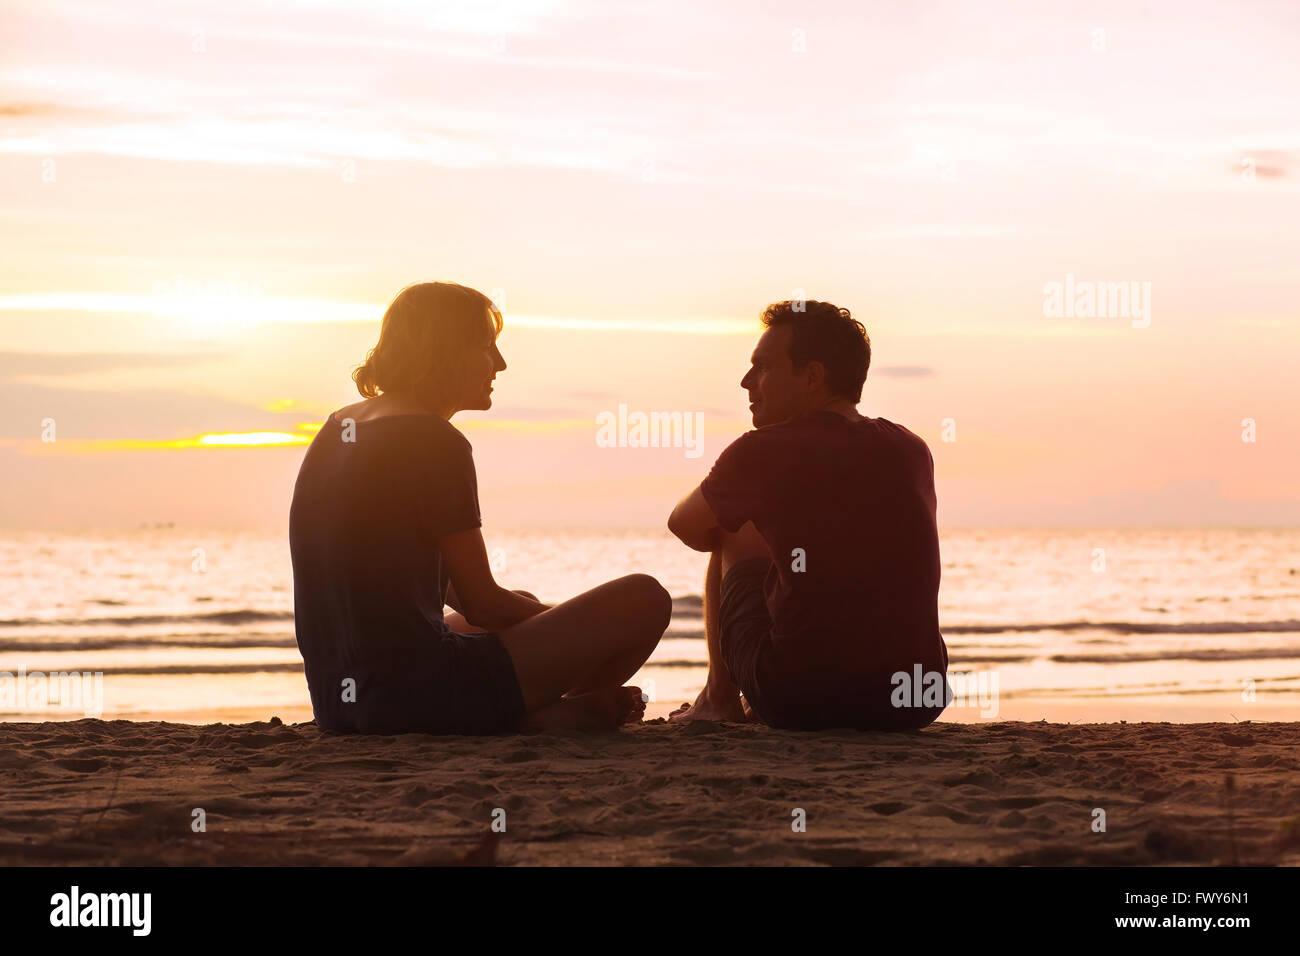 L uomo e la donna sulla spiaggia al tramonto, coppia giovane parlando vicino al mare, dating o il concetto di amicizia Immagini Stock